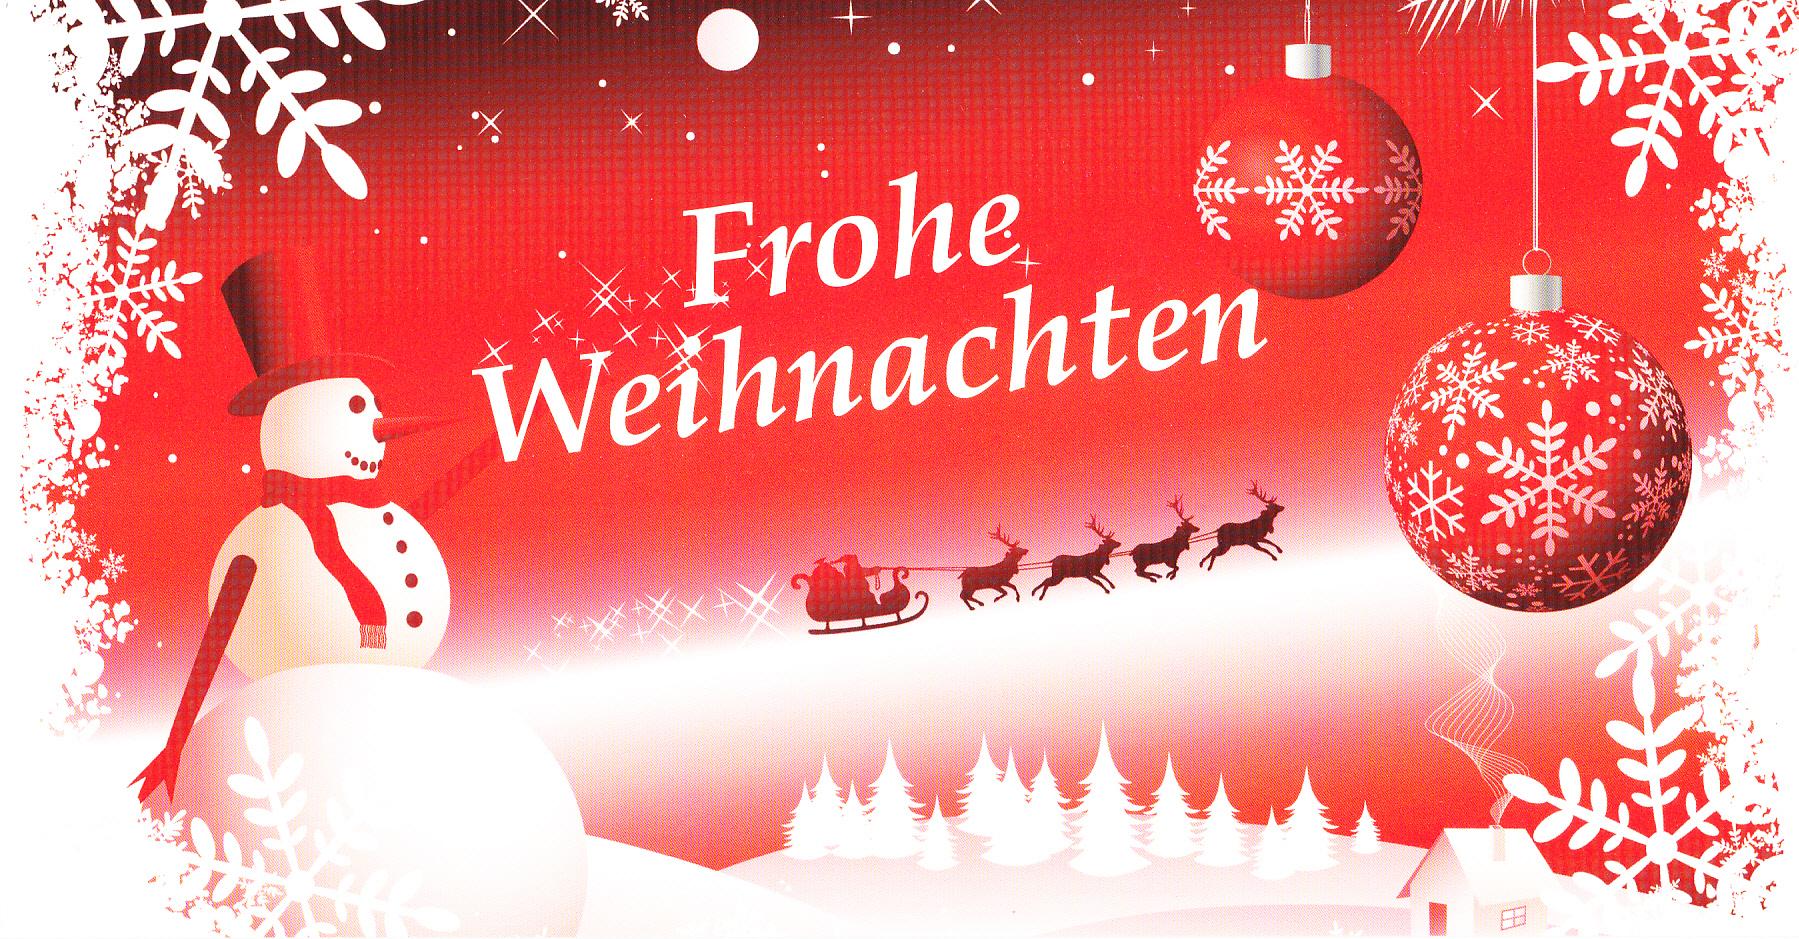 Frohe Weihnachten ;)